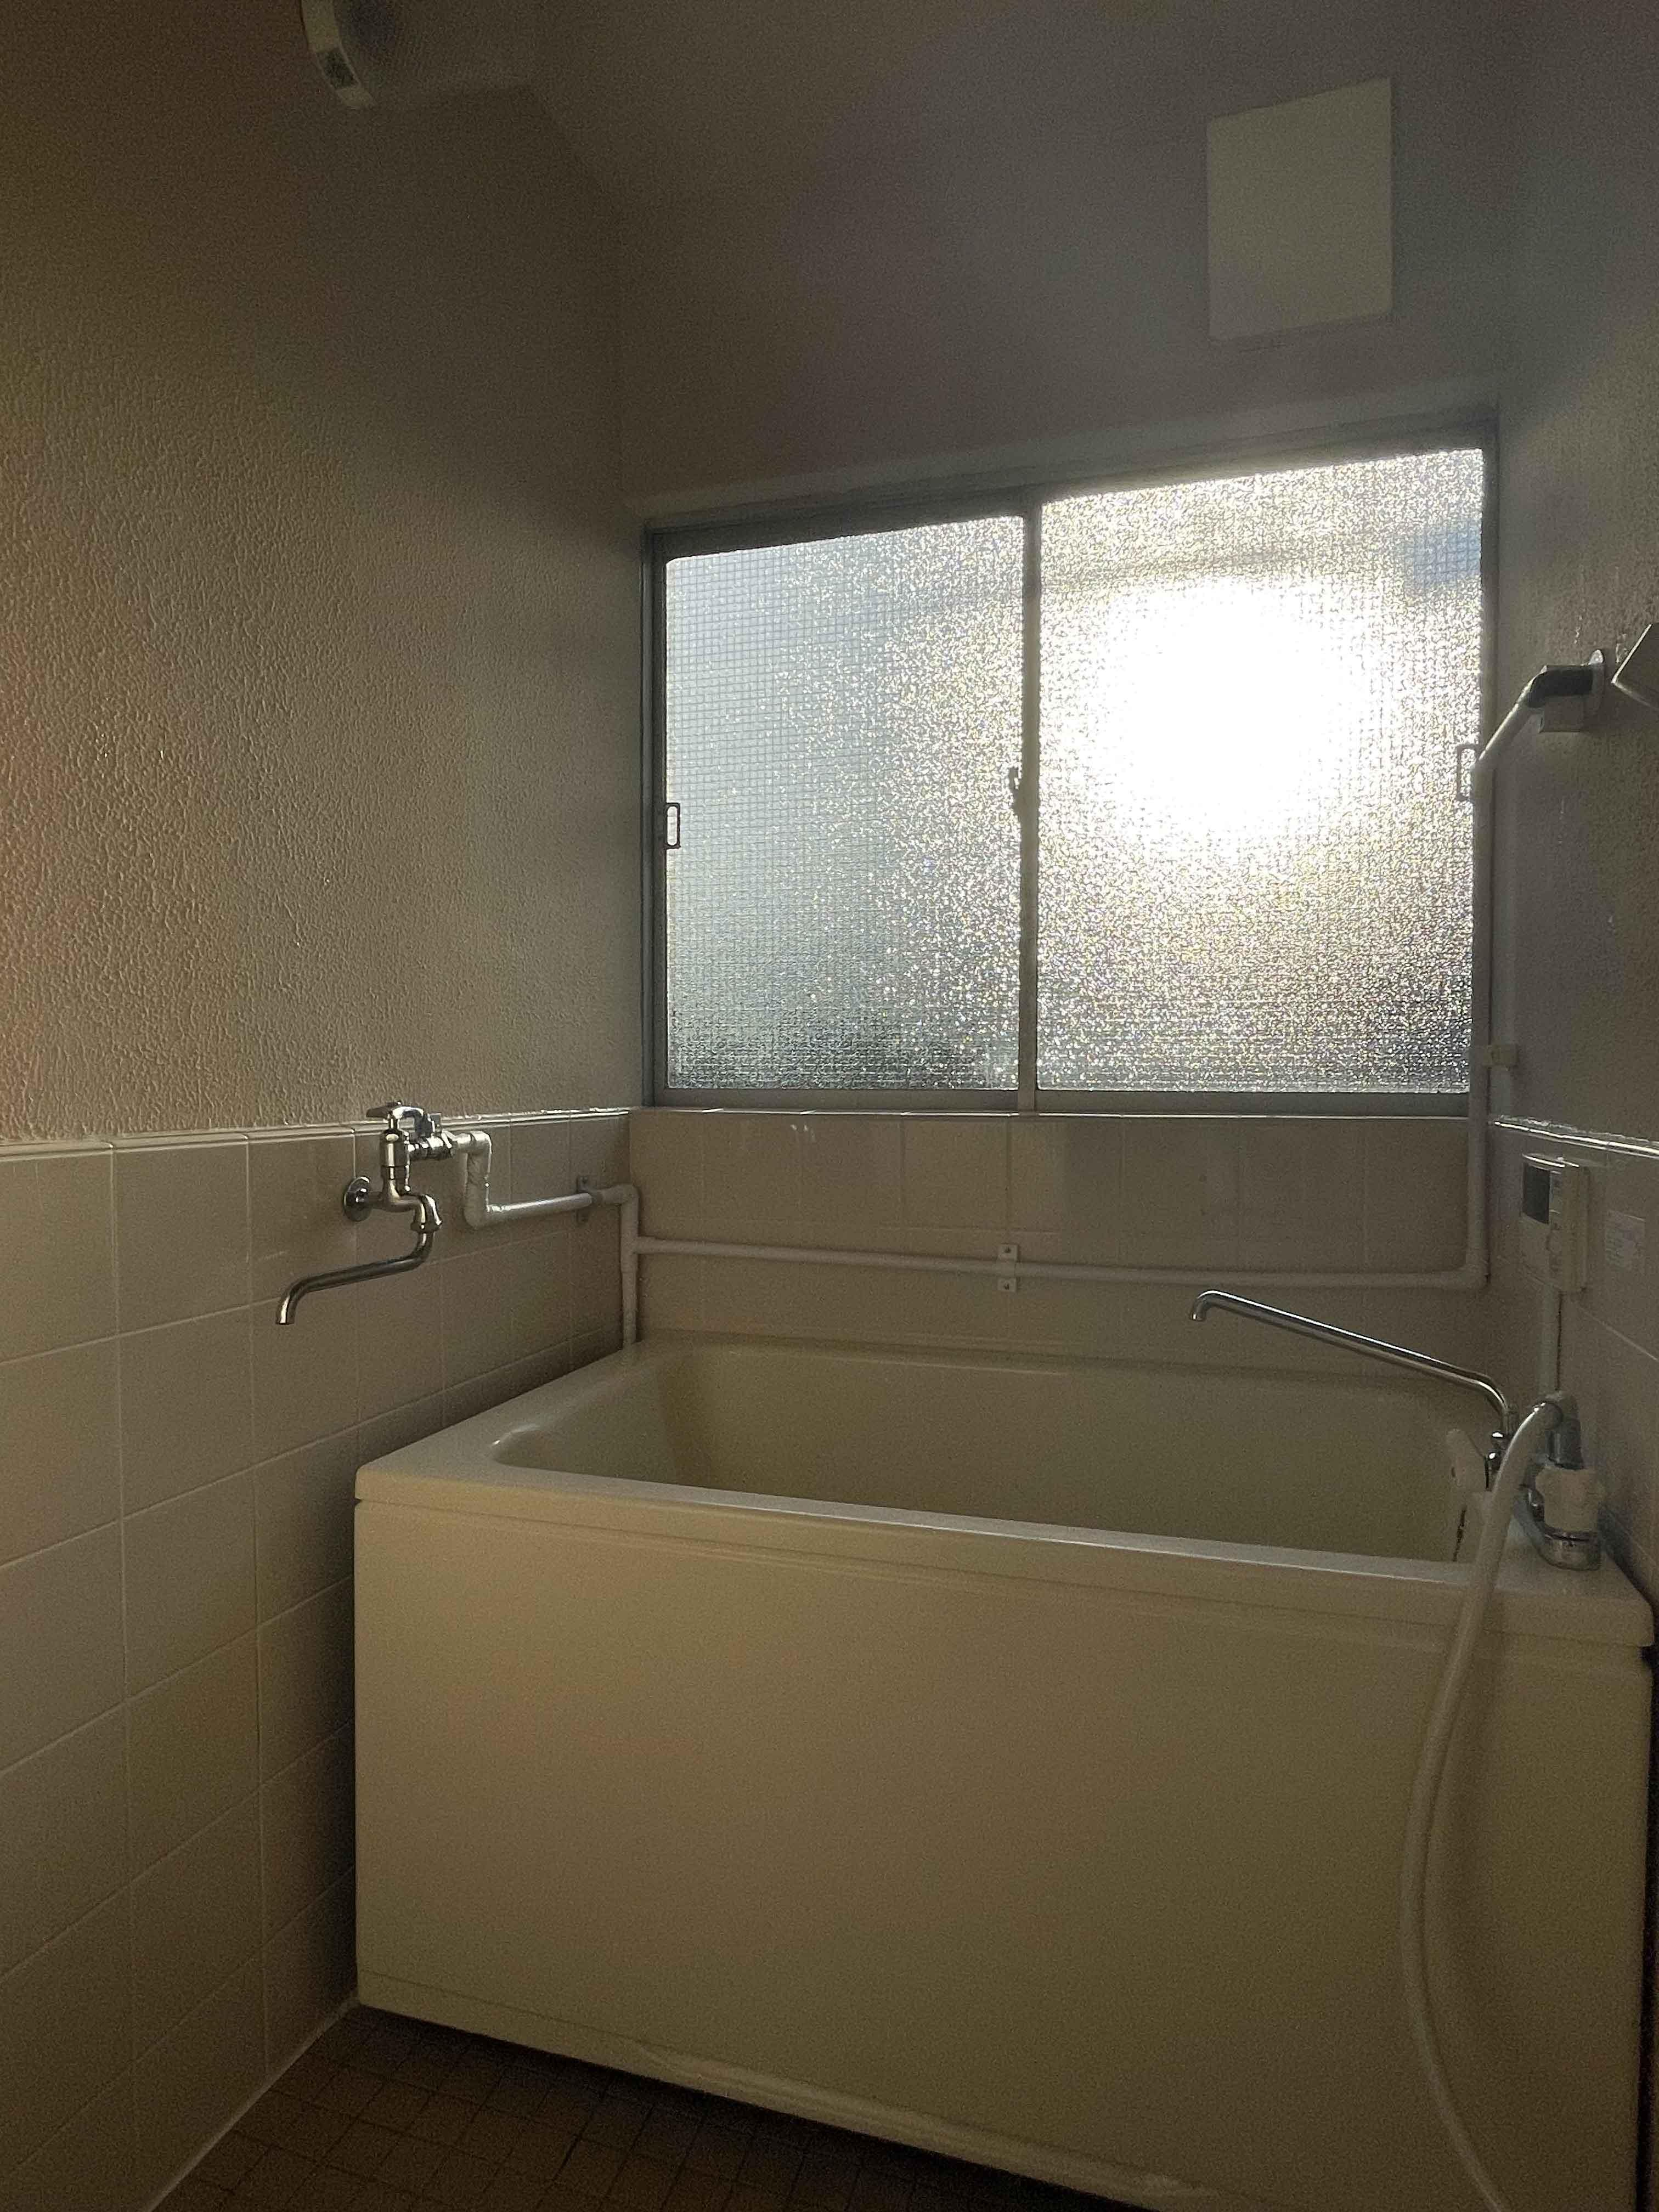 201号室:浴室。ここも明るい